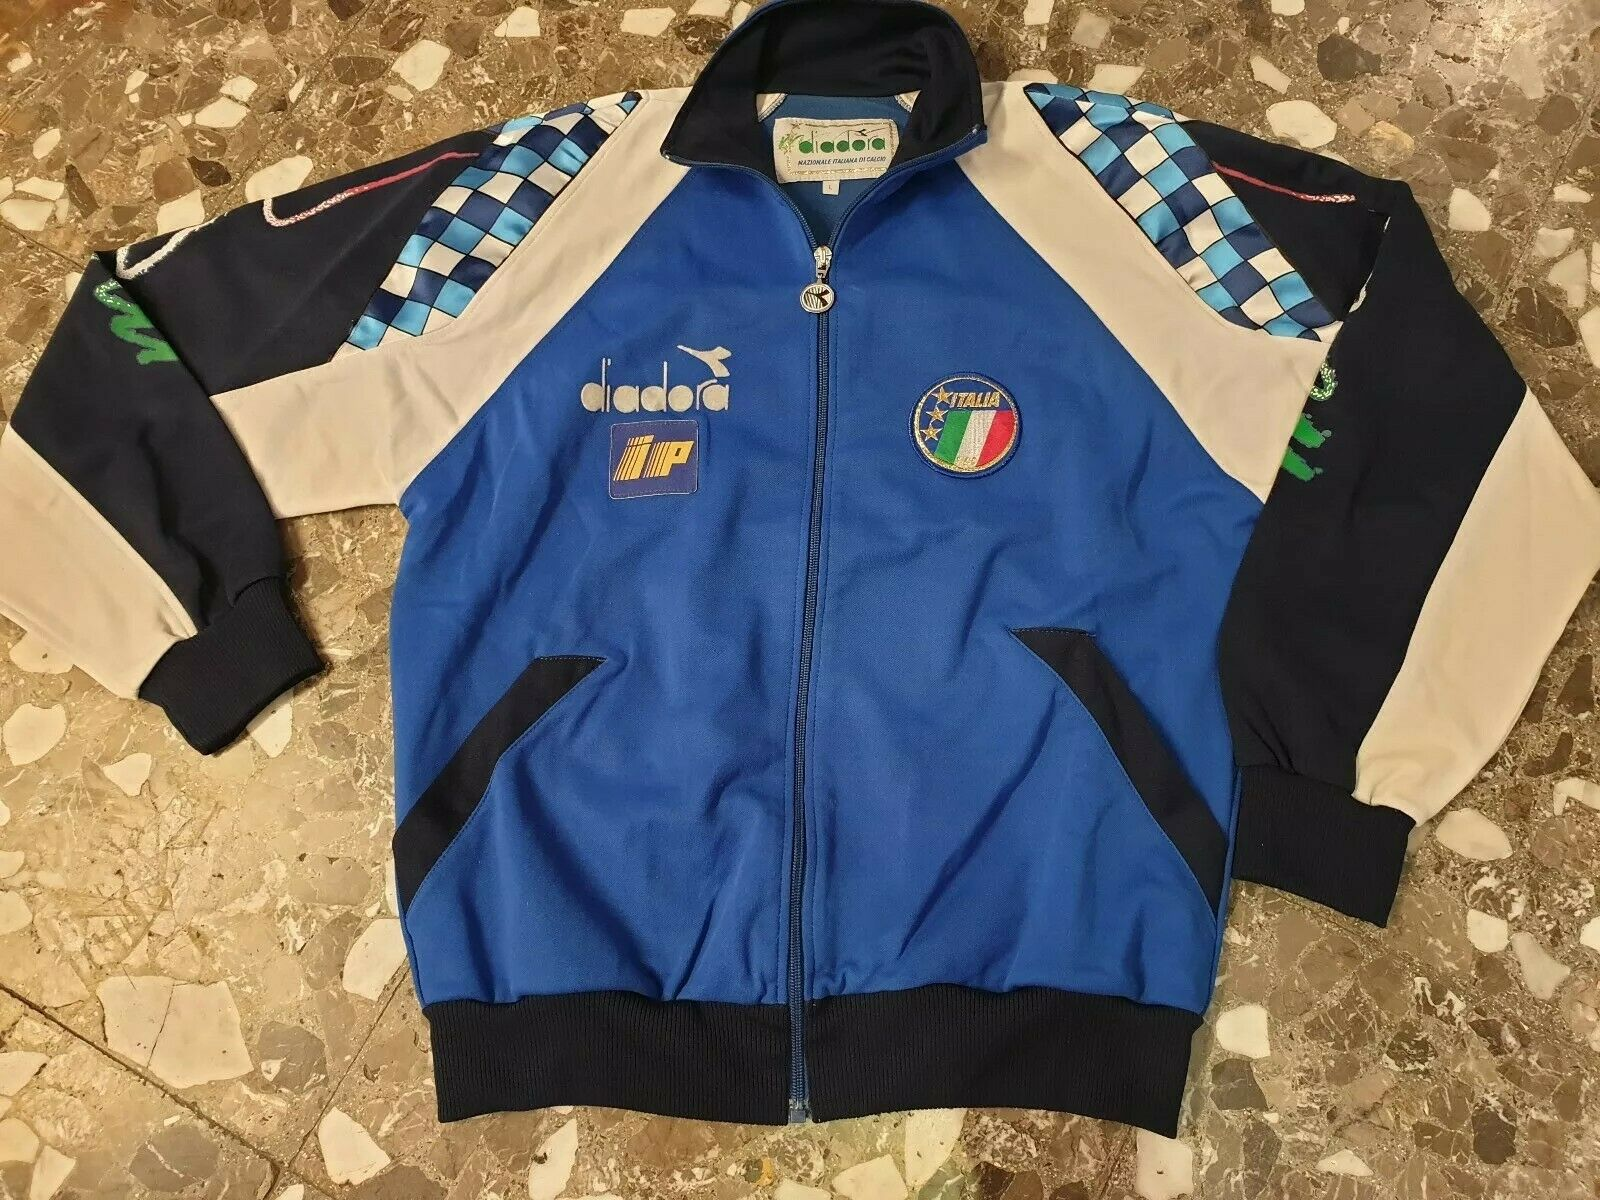 Vintage Diadora Italia 1990 Baggio track top